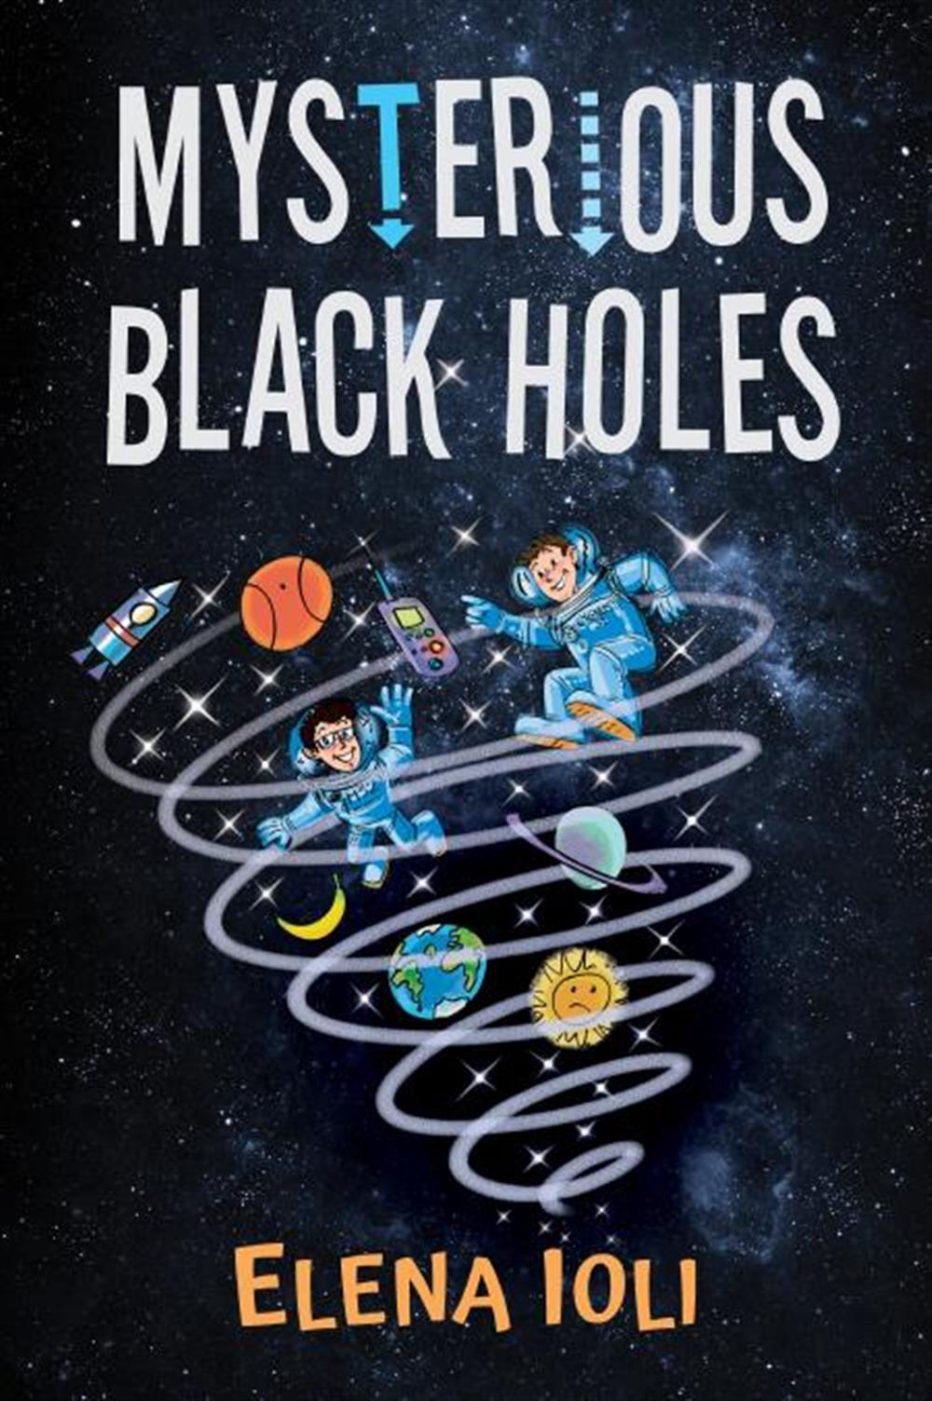 神祕的黑洞